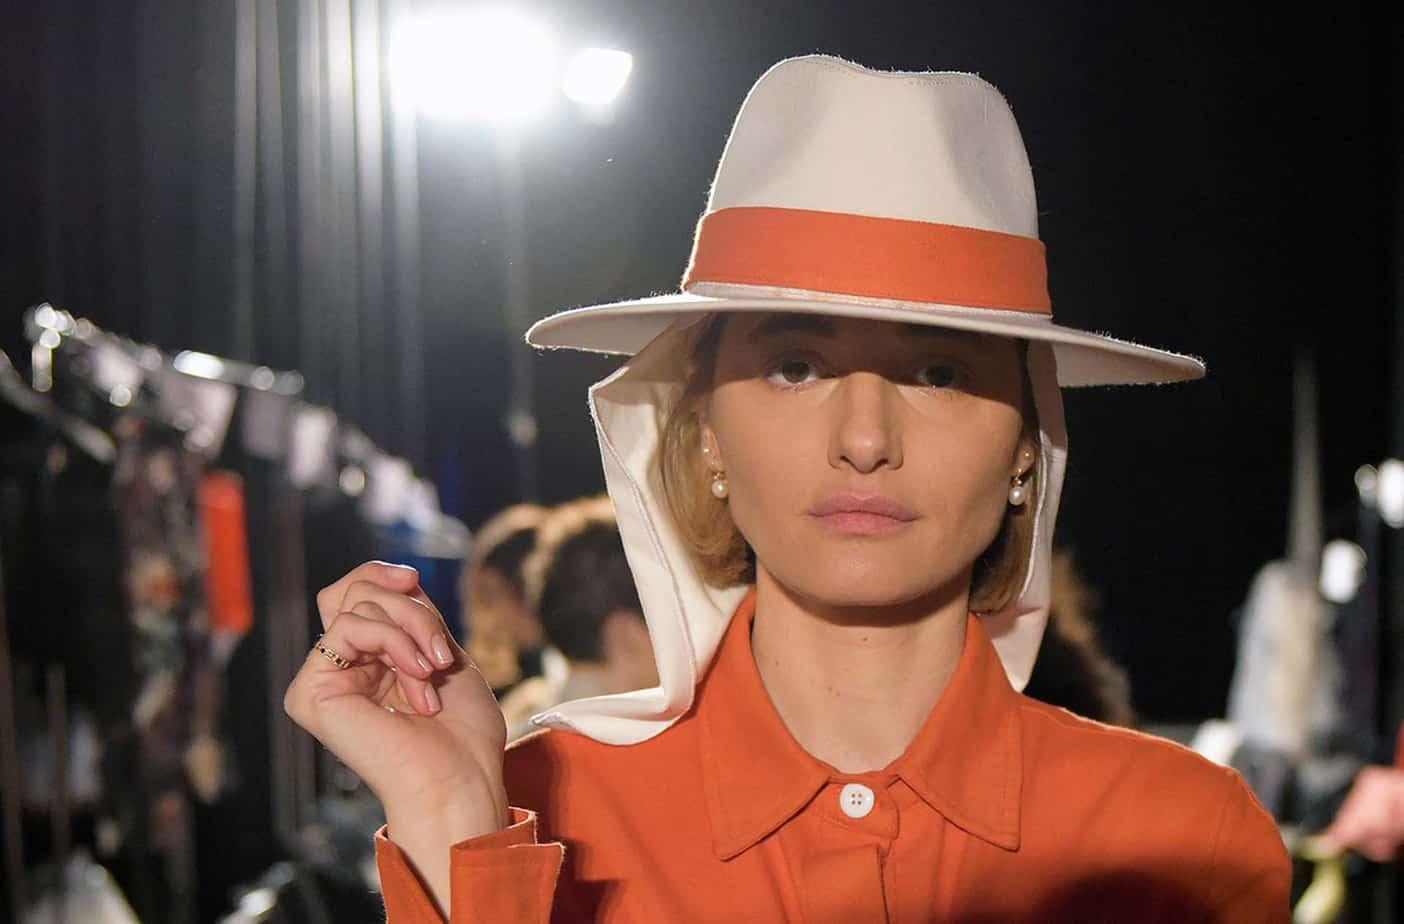 שורש. שבוע האופנה תל אביב 2019, צילום סרגו סטרודובצב - 6